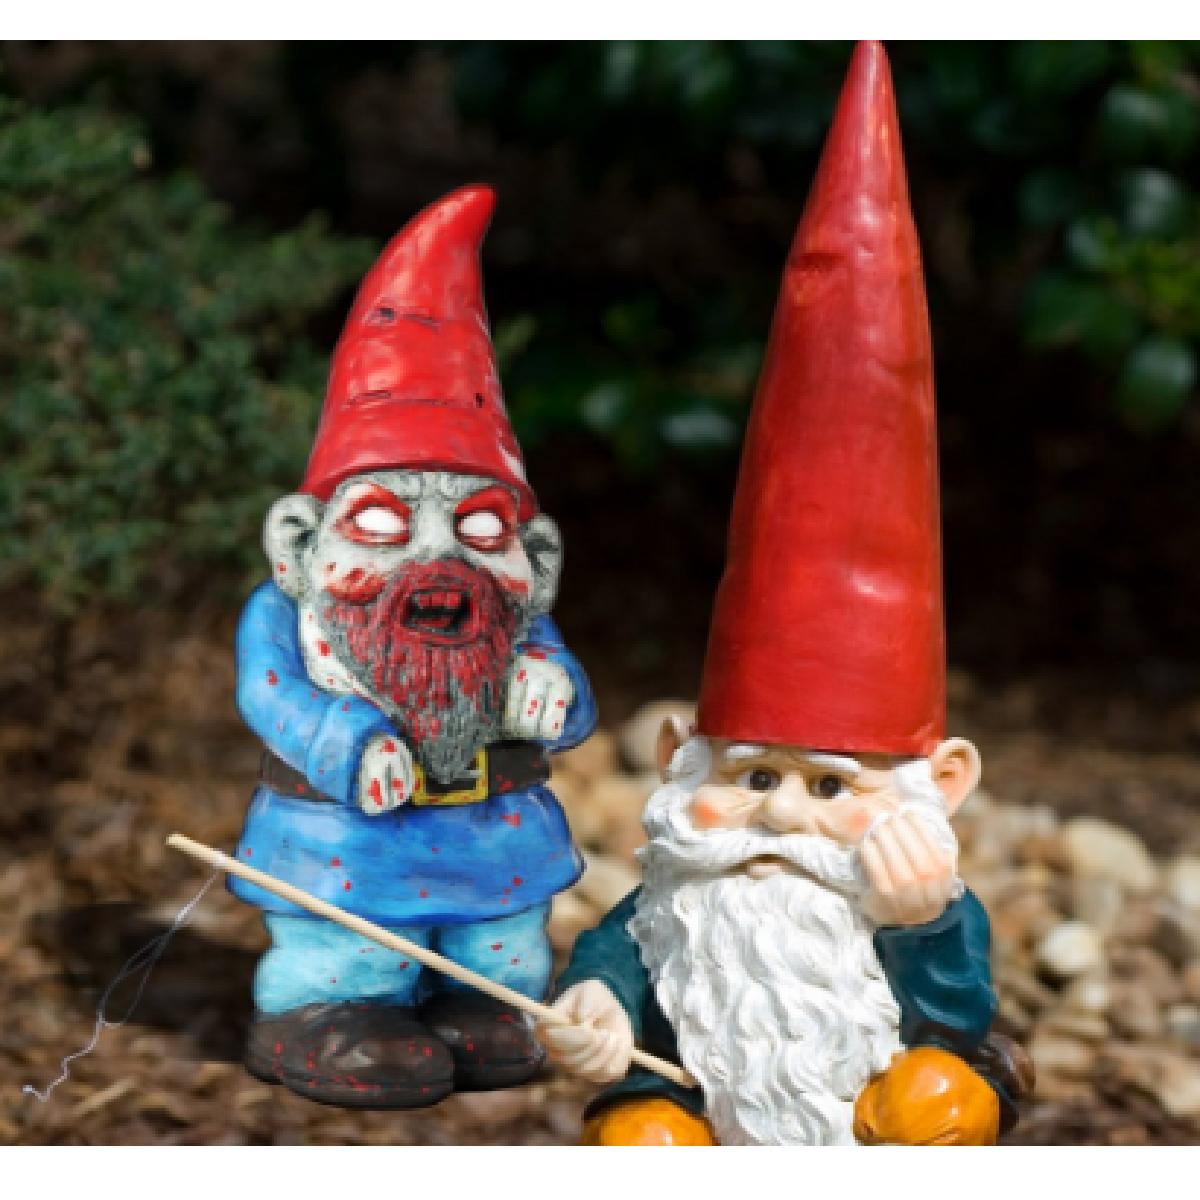 Cadeaux 2 Ouf : Idées De Cadeaux Insolites Et Originaux ... intérieur Nain De Jardin Zombie